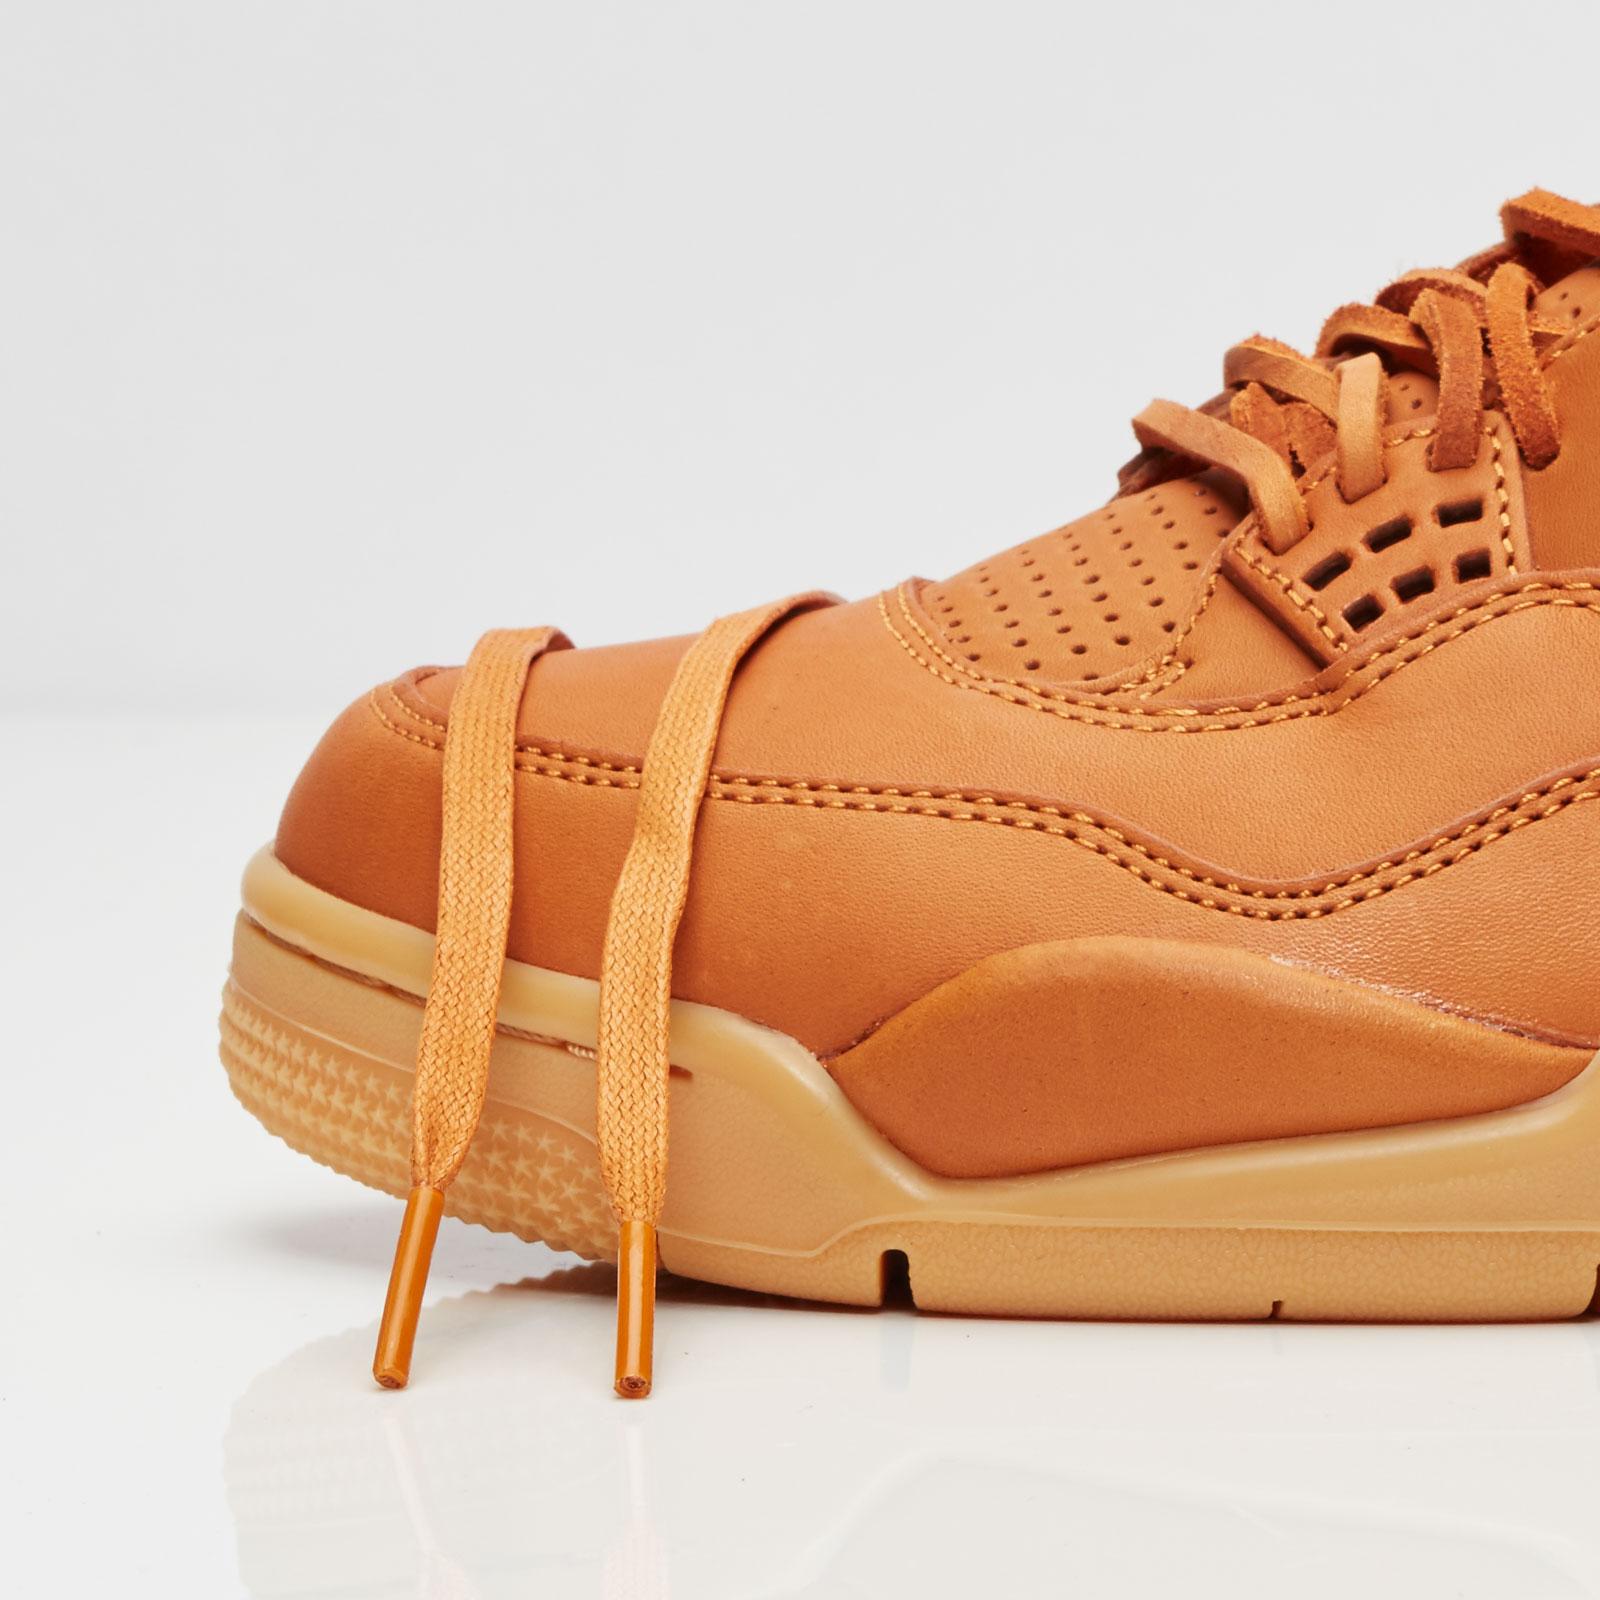 buy online 5ef16 cac65 Jordan Brand Air Jordan 4 Retro Premium - 6. Stäng